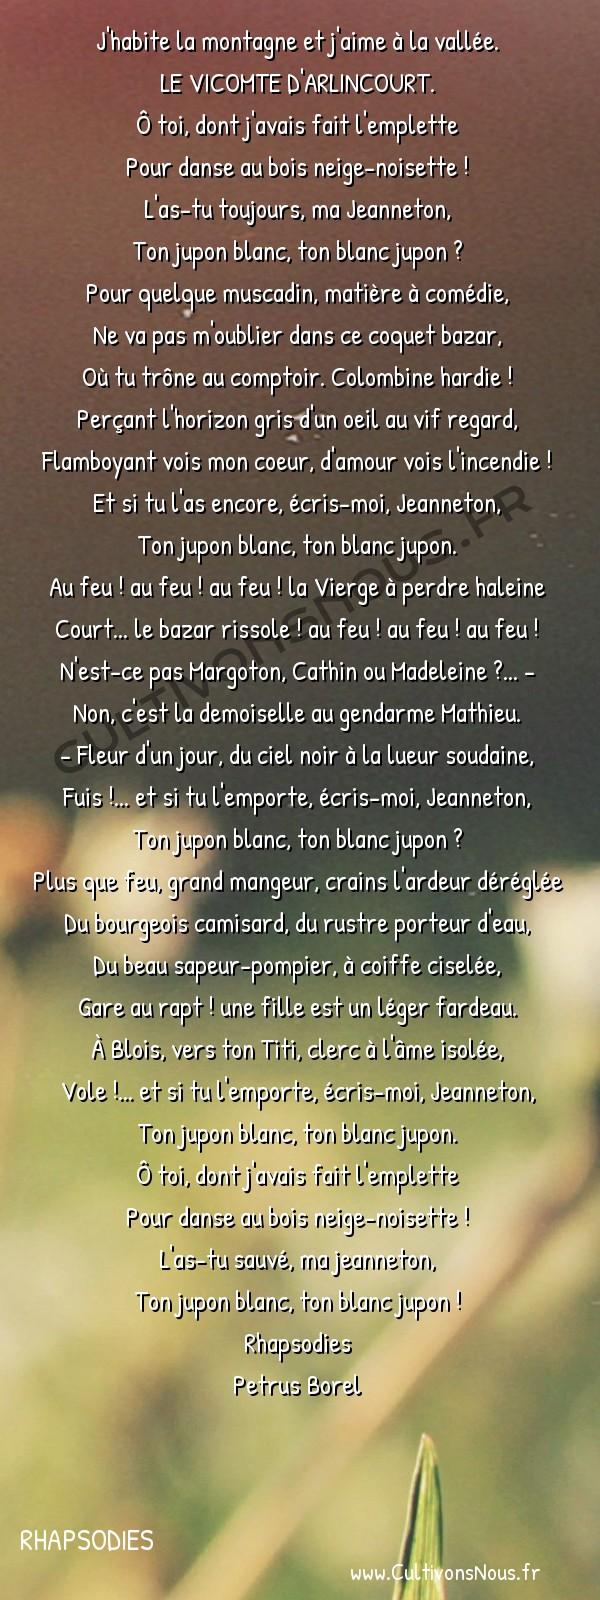 Poésie Petrus Borel - Rhapsodies - L'incendie du bazar -  J'habite la montagne et j'aime à la vallée. LE VICOMTE D'ARLINCOURT.